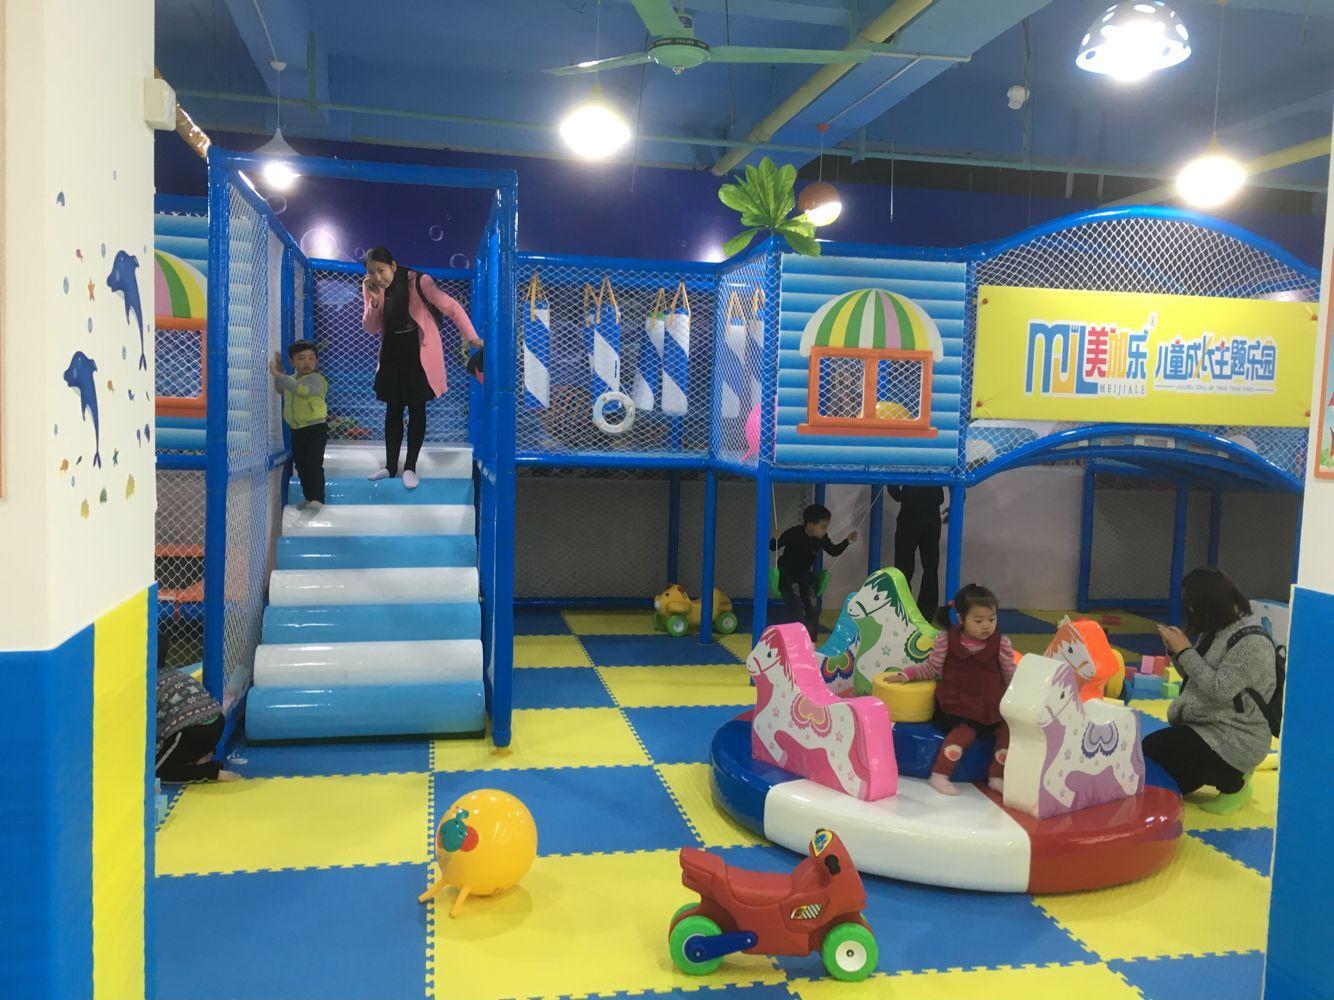 投资室内儿童乐园品牌加盟排行榜